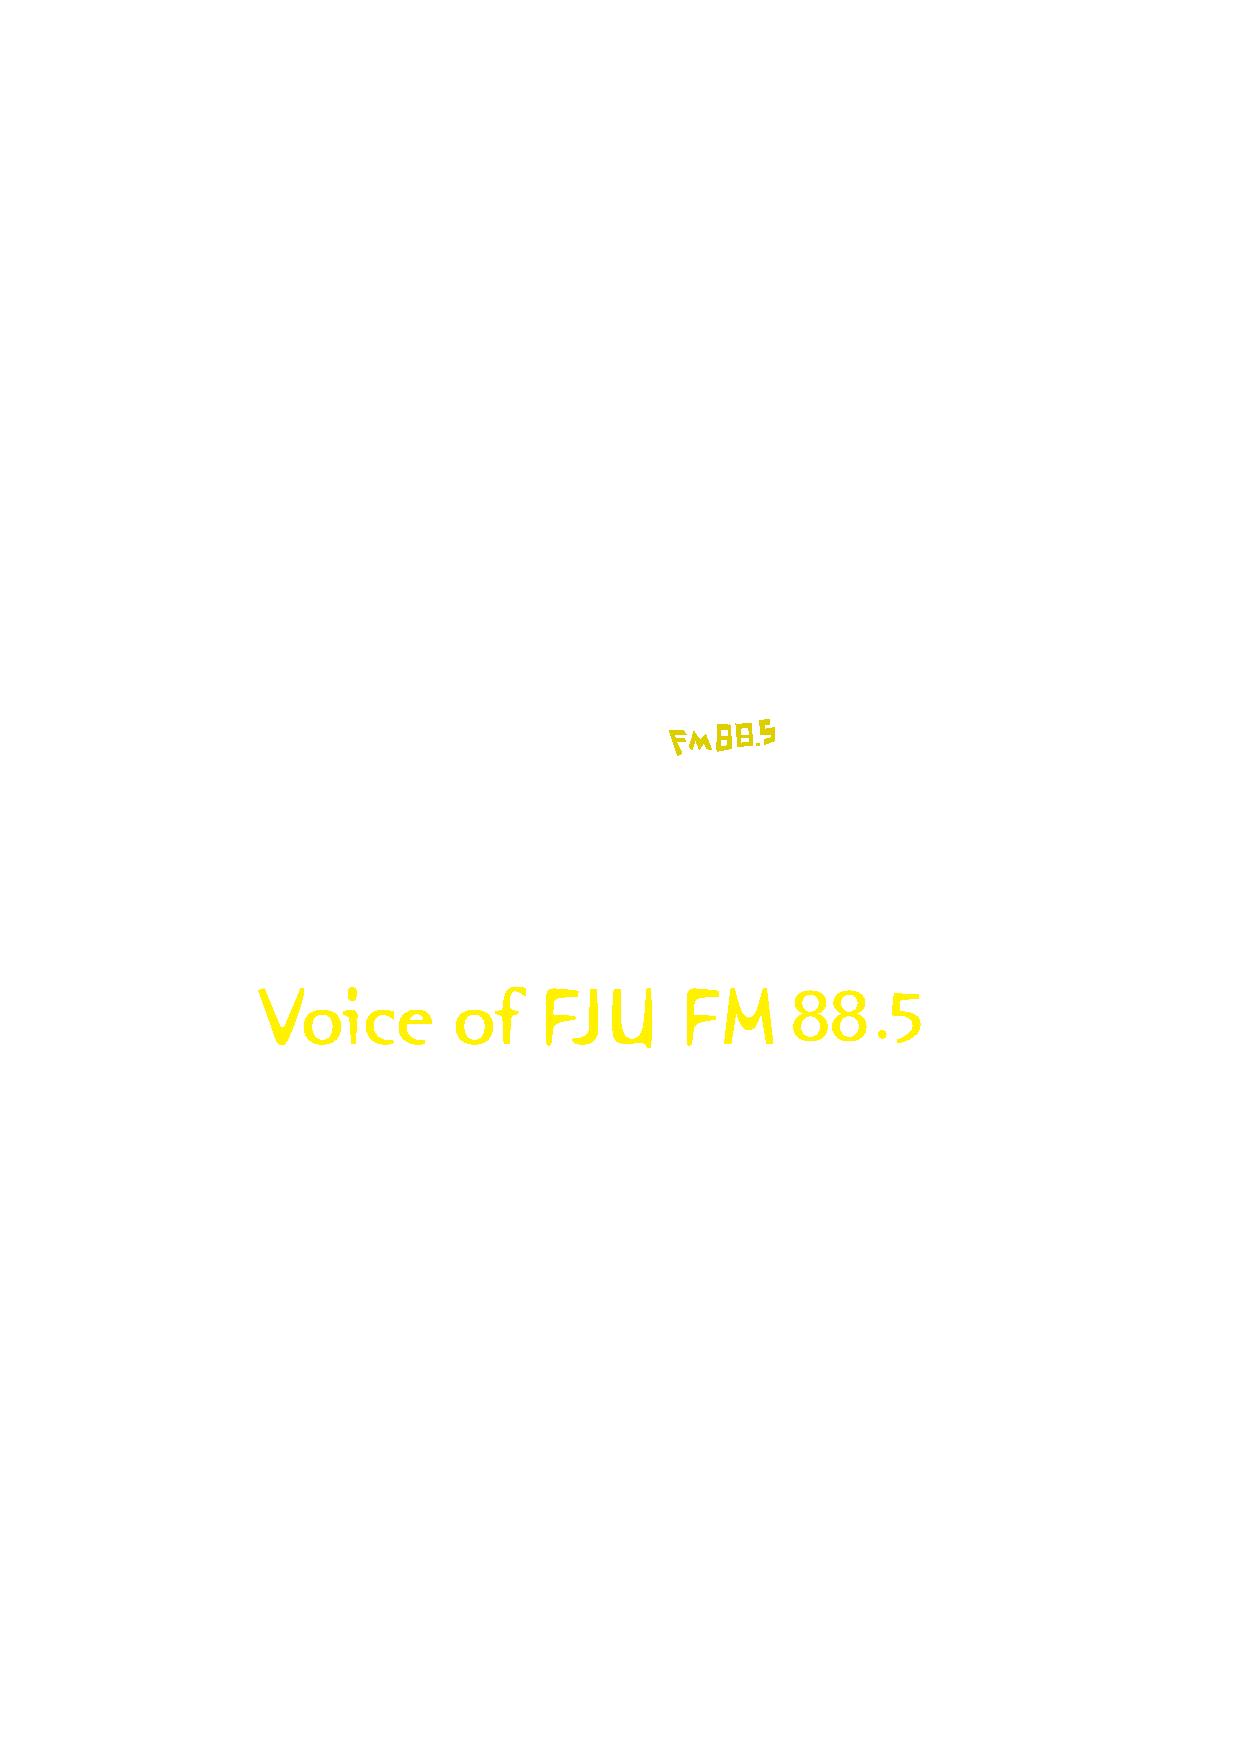 輔大之聲 Voice of FJU | 線上收聽